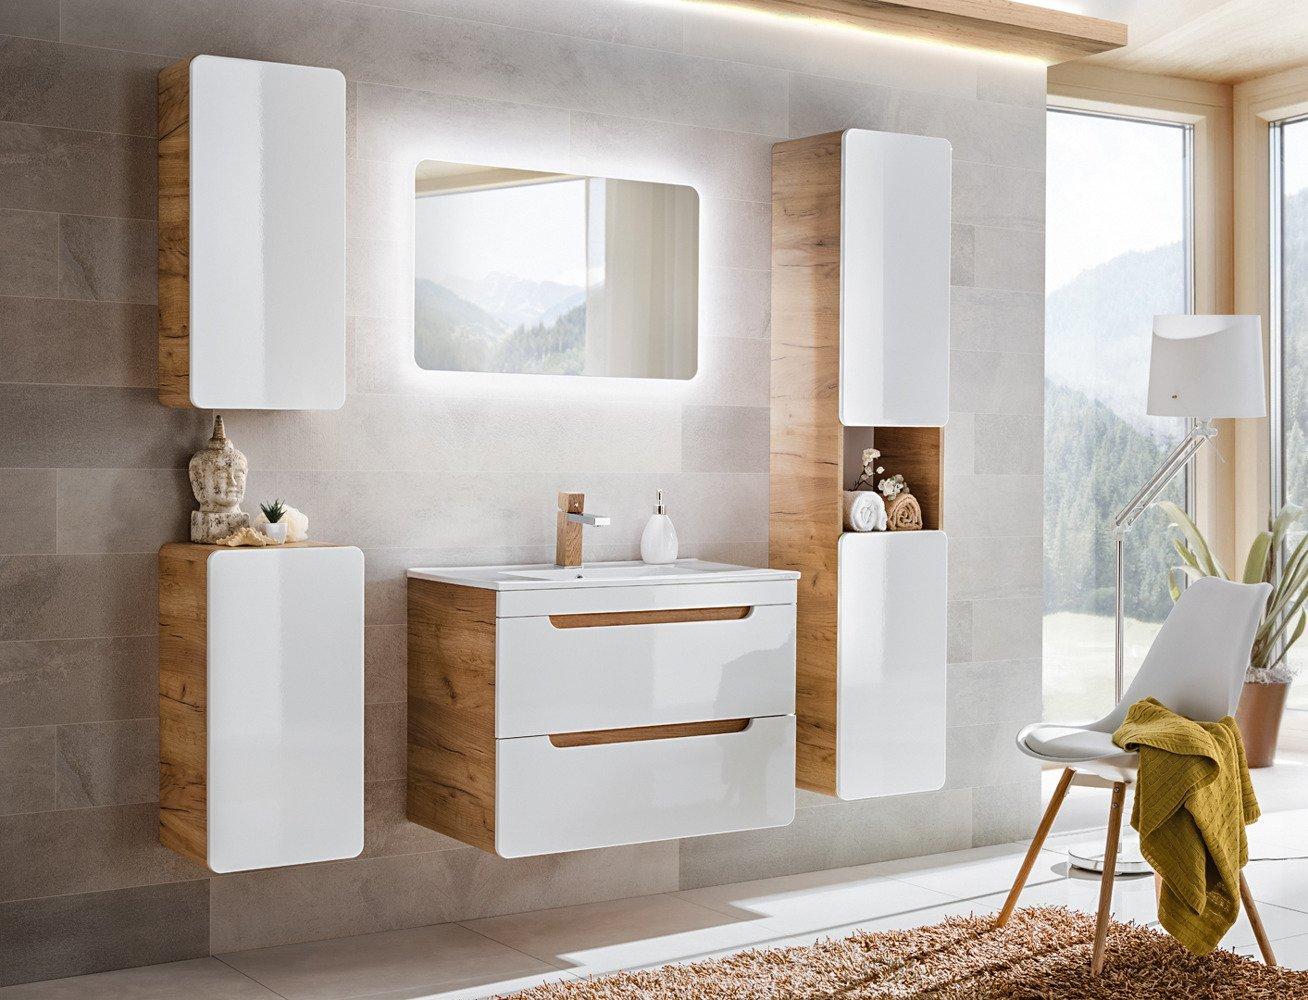 Zestaw Mebli łazienkowych Aruba Asortyment Meble